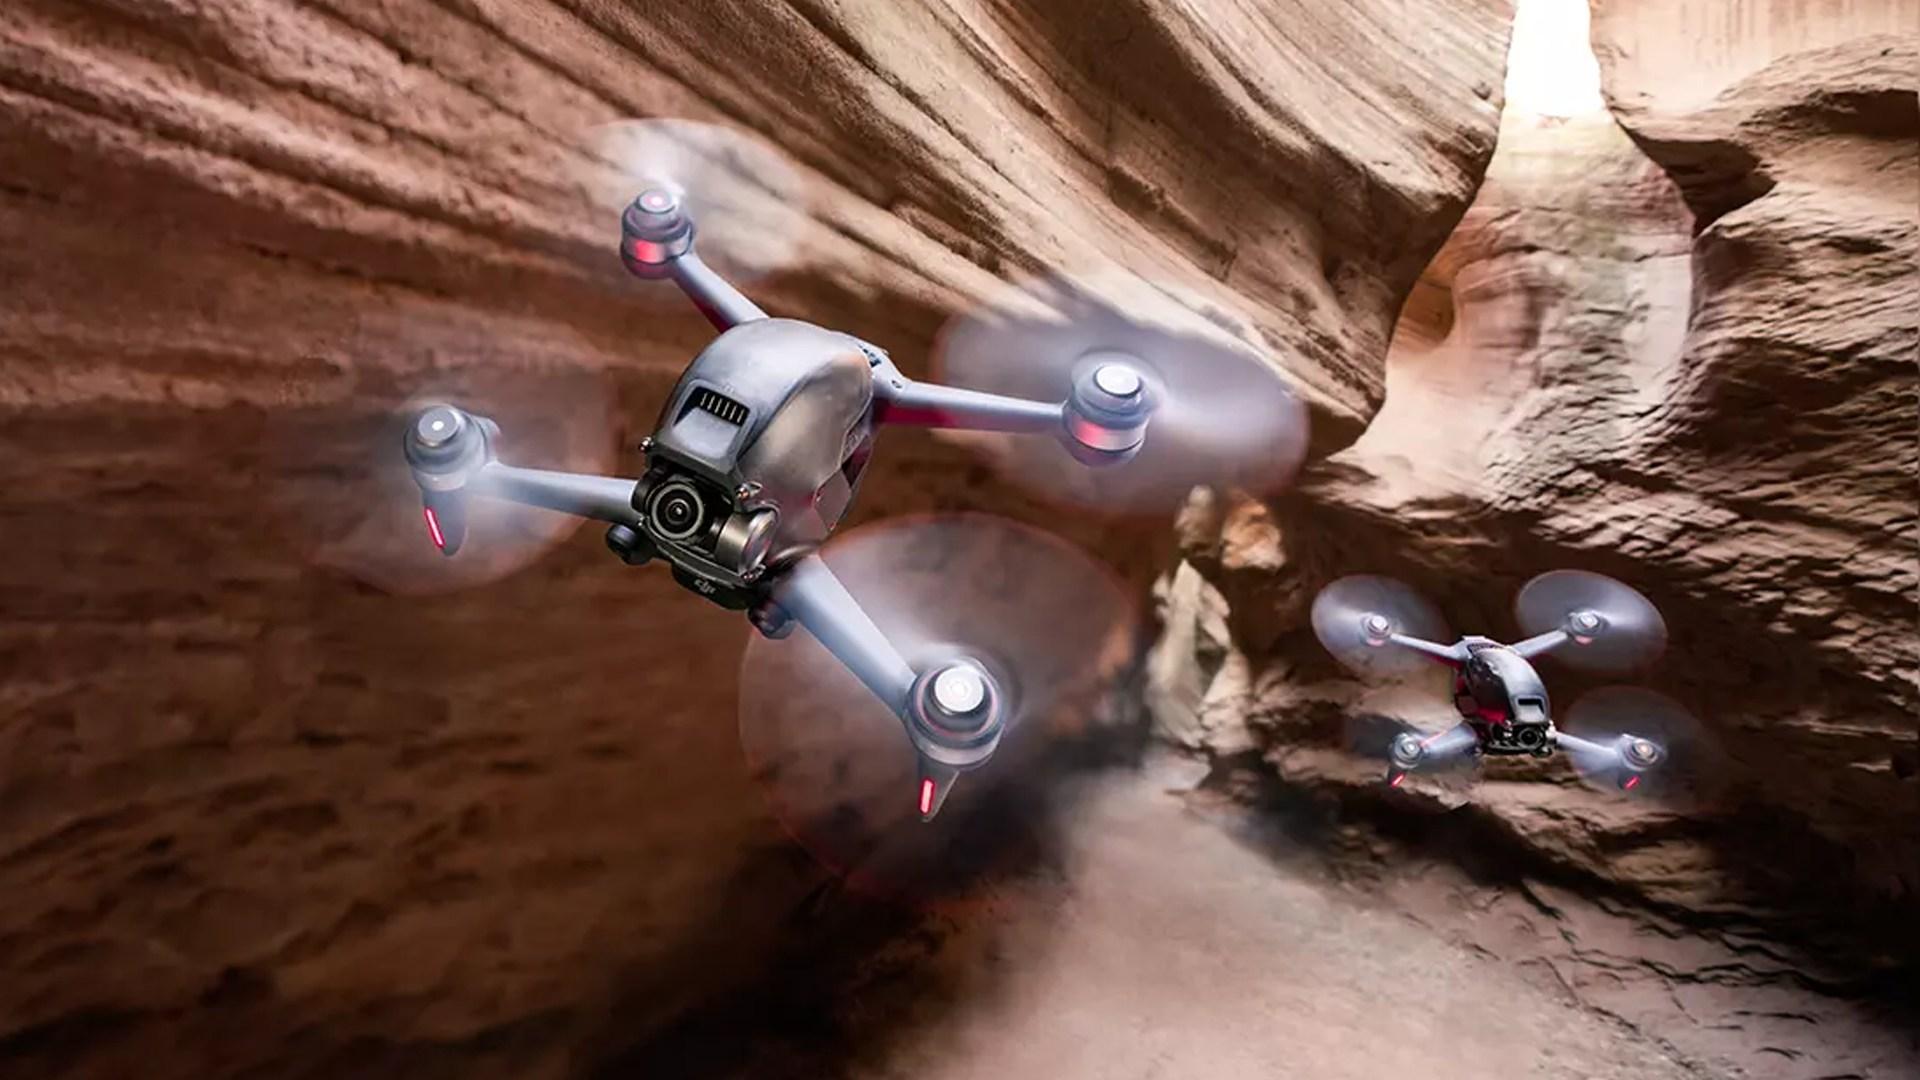 DJI FPV Drone: Das ist die neue (Renn-)Drohne mit First Person View - WinFuture